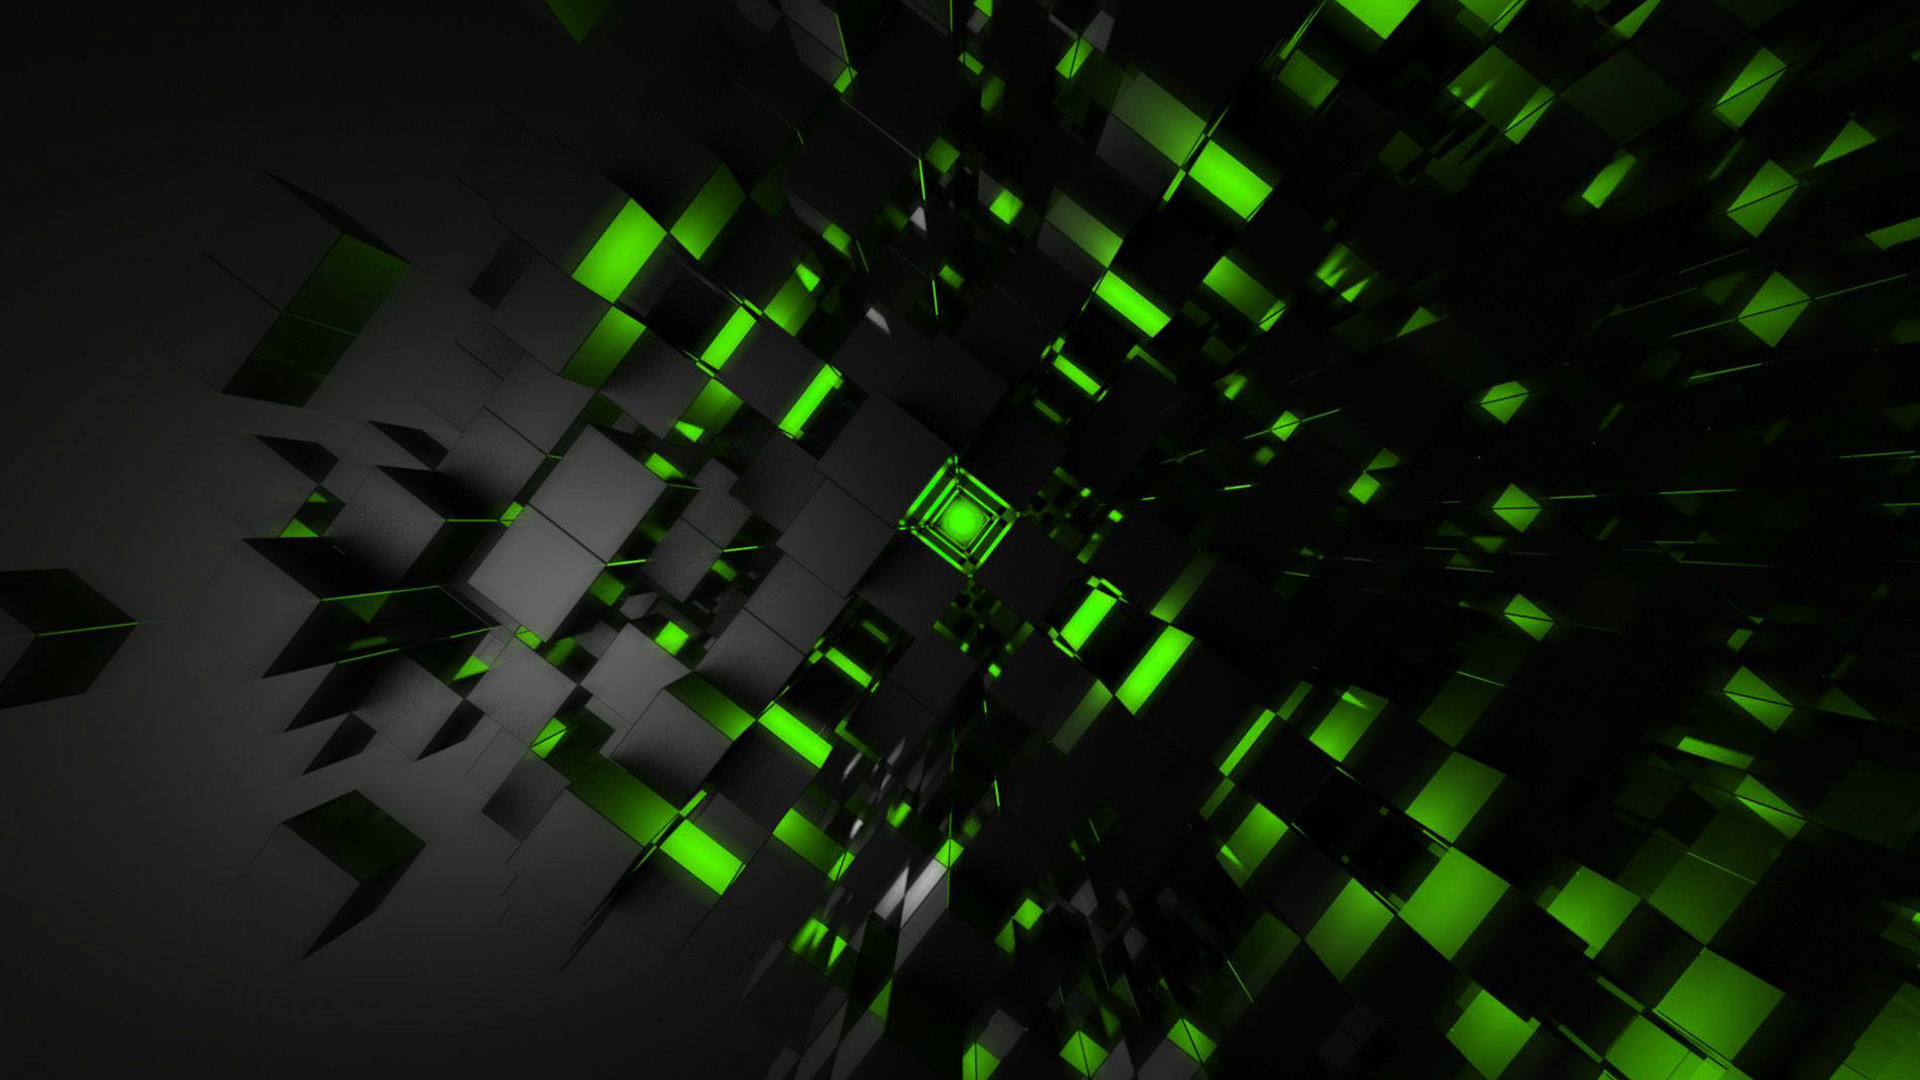 neon green wallpapers ·①